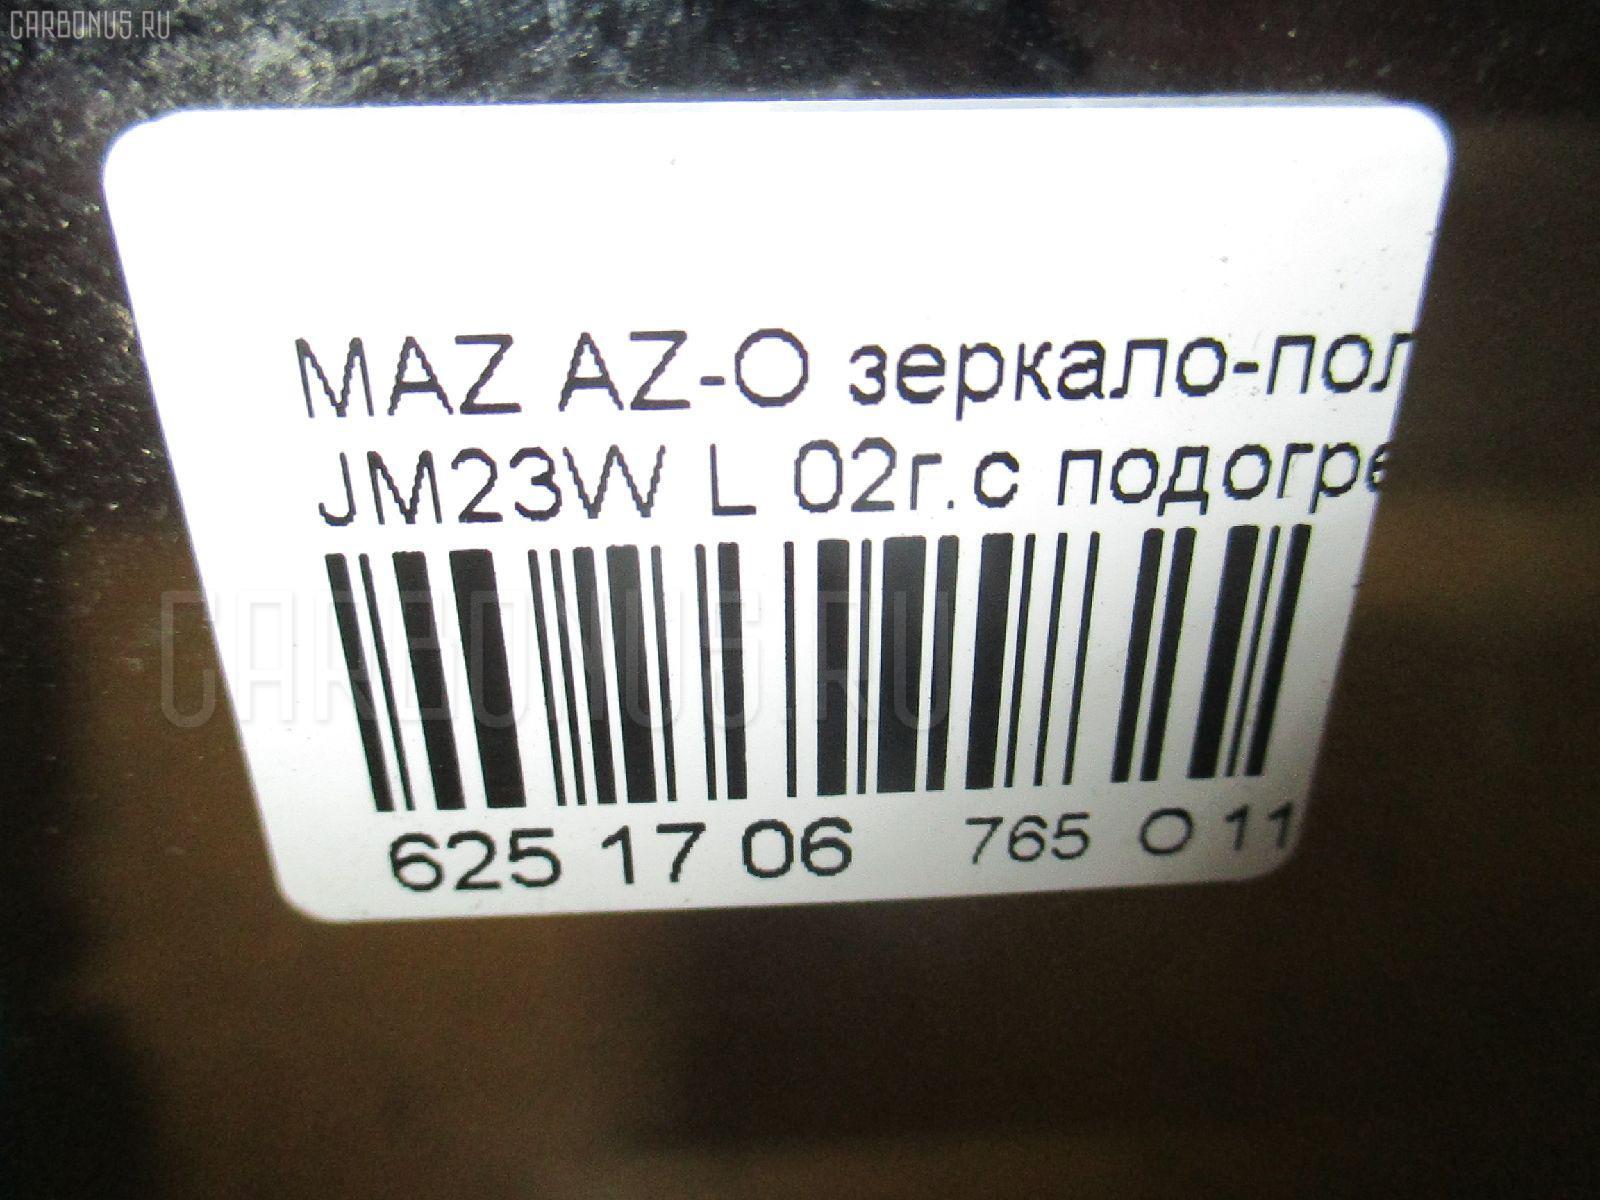 Зеркало-полотно MAZDA AZ-OFFROAD JM23W Фото 3